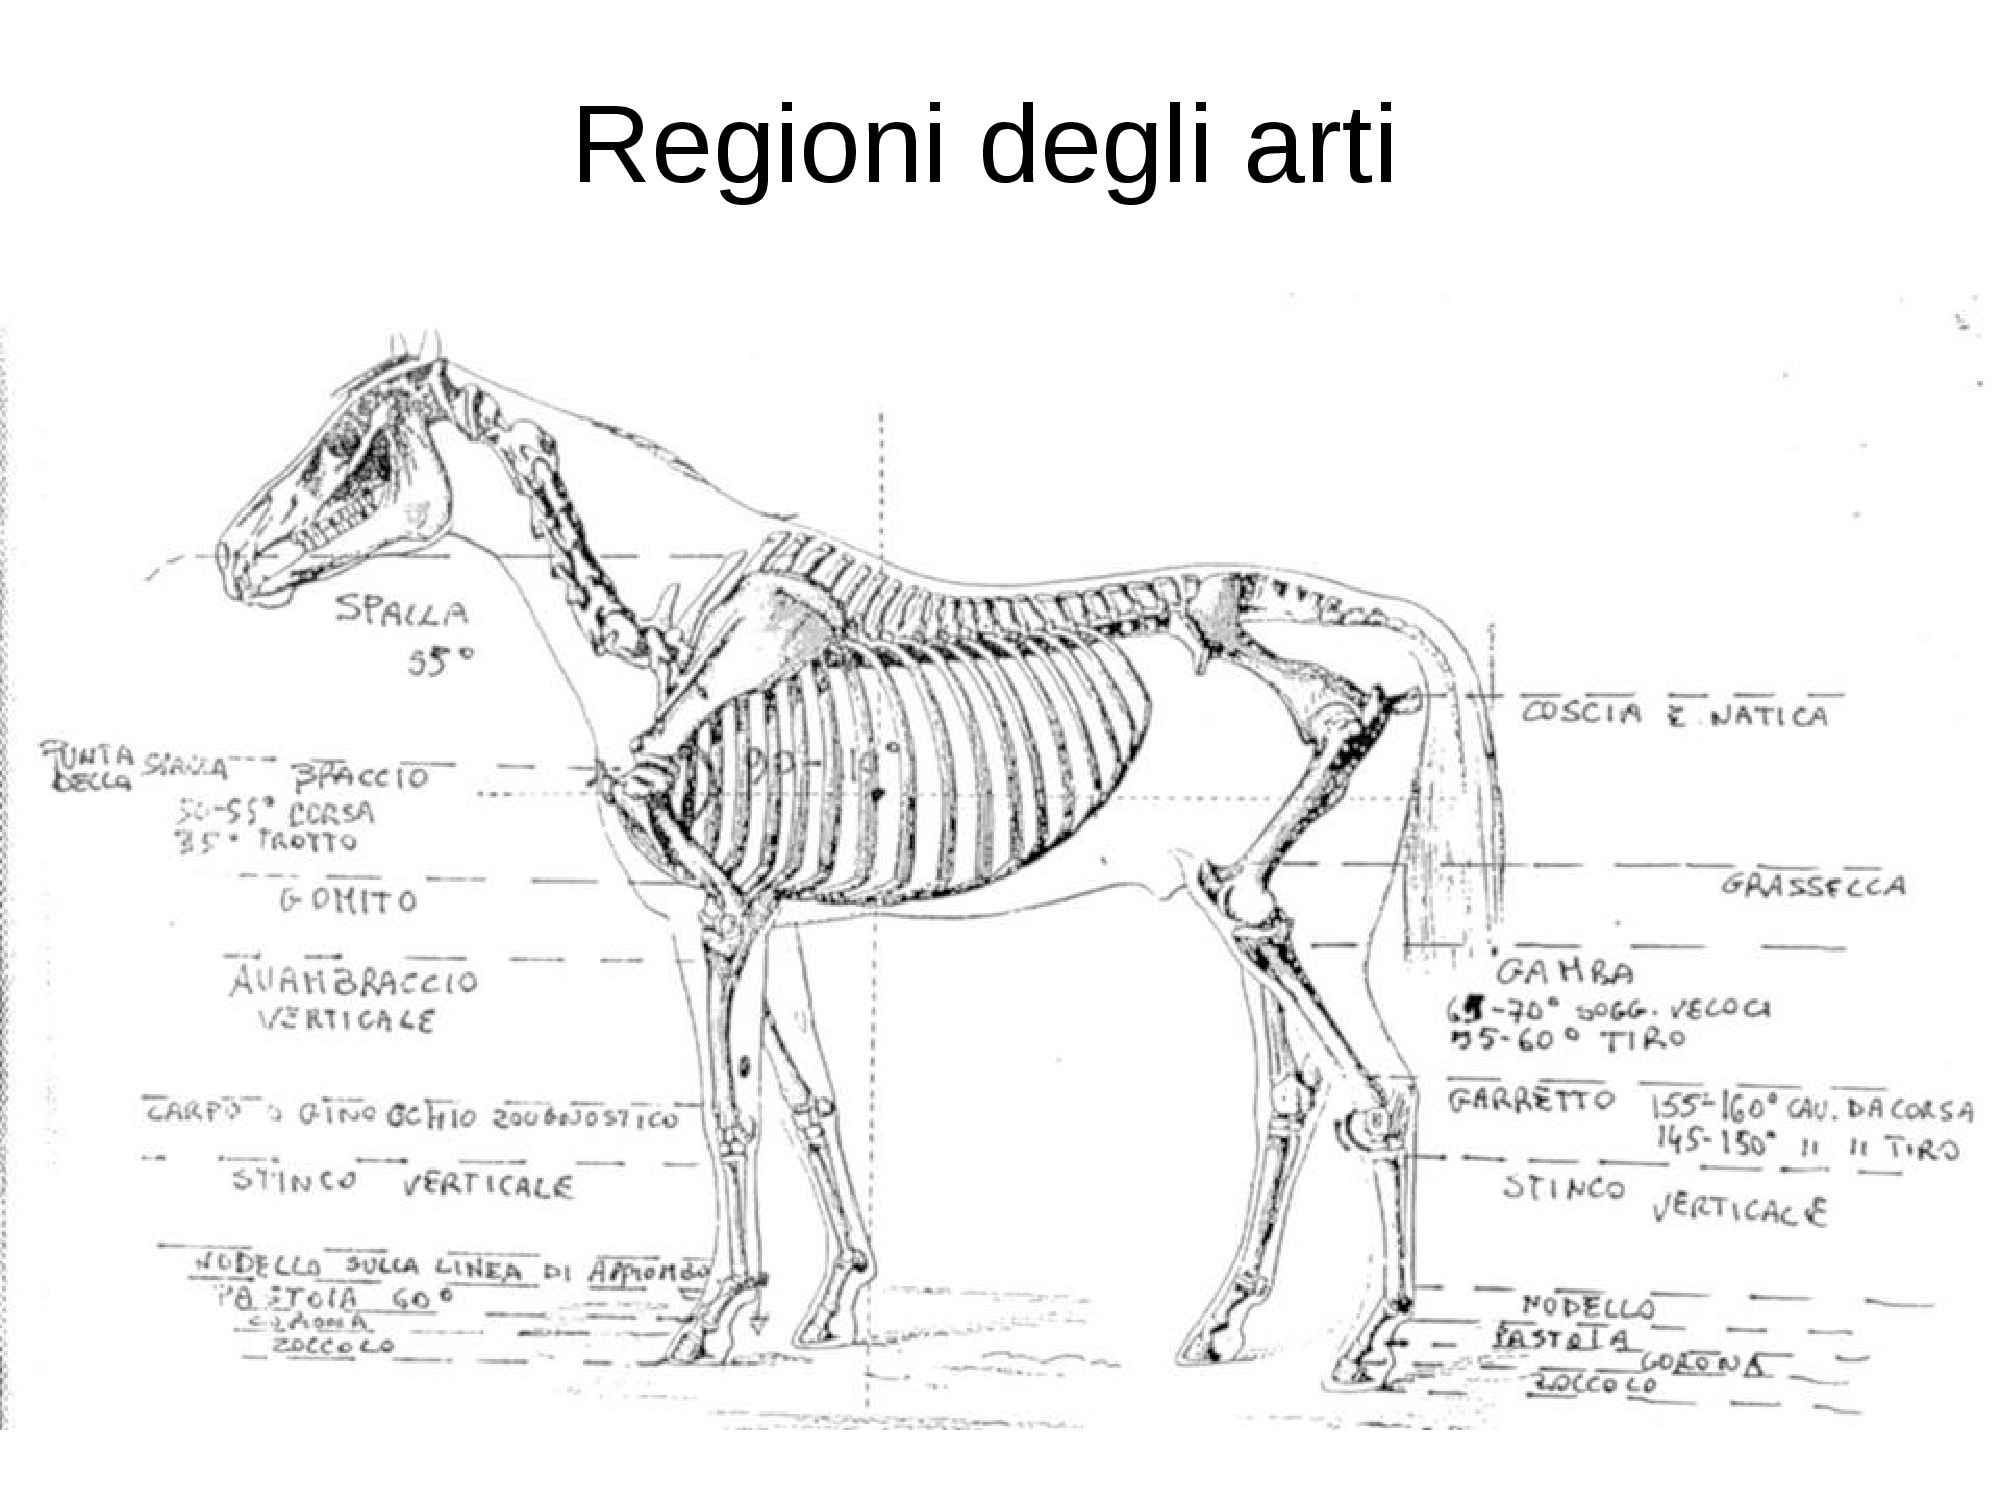 Valutazione degli equini - Appiombi